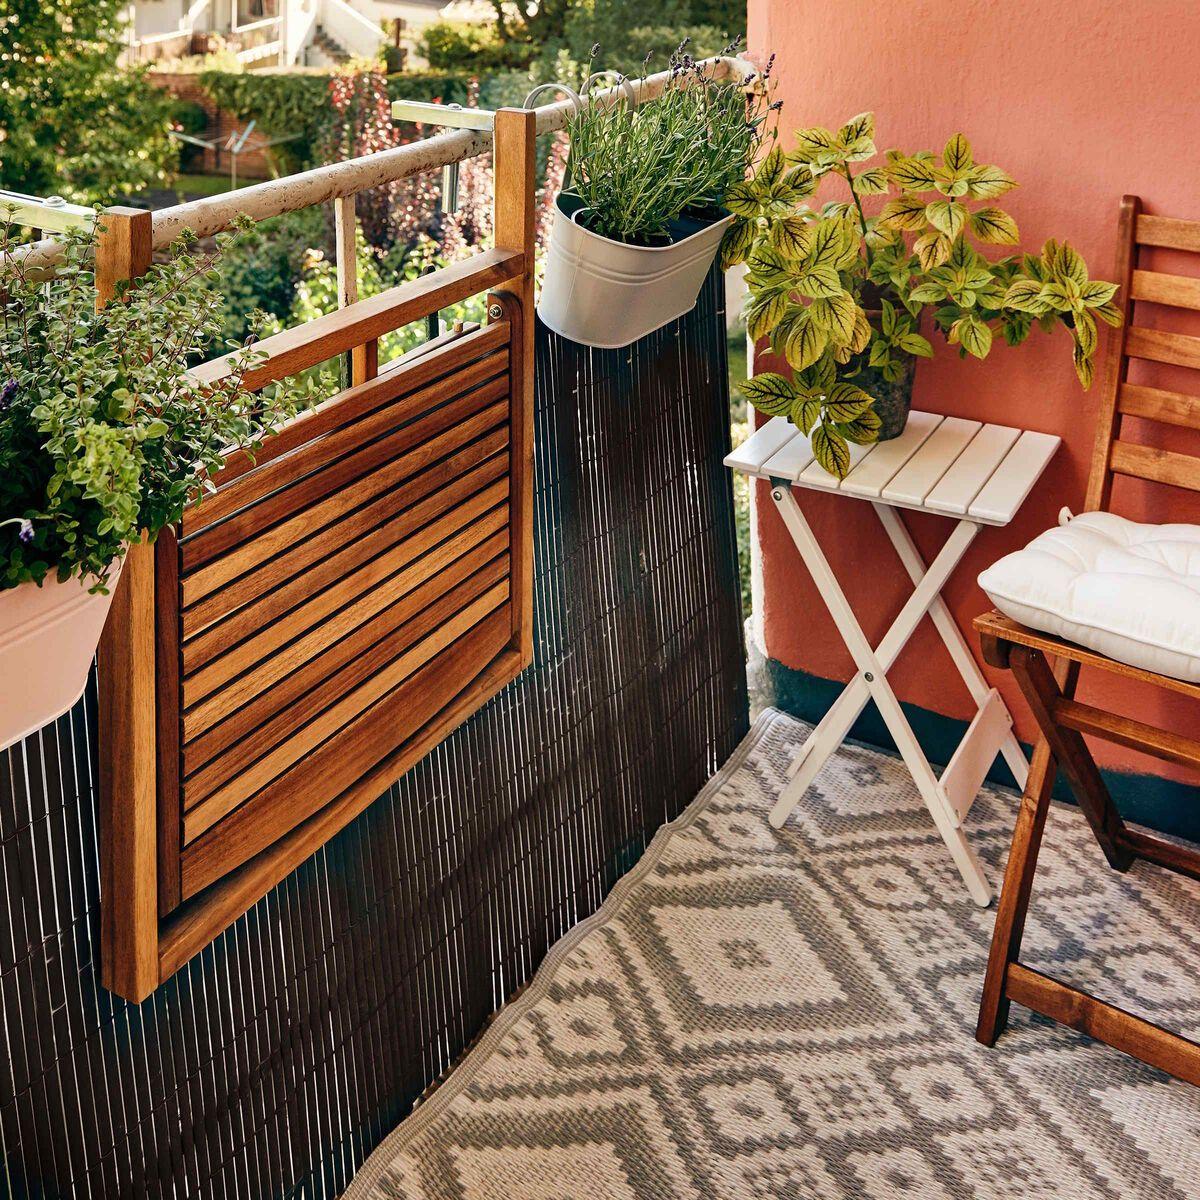 Lodge Balkon Klapptisch Butlers Outdoor Dekorationen Klapptisch Balkon Klapptisch